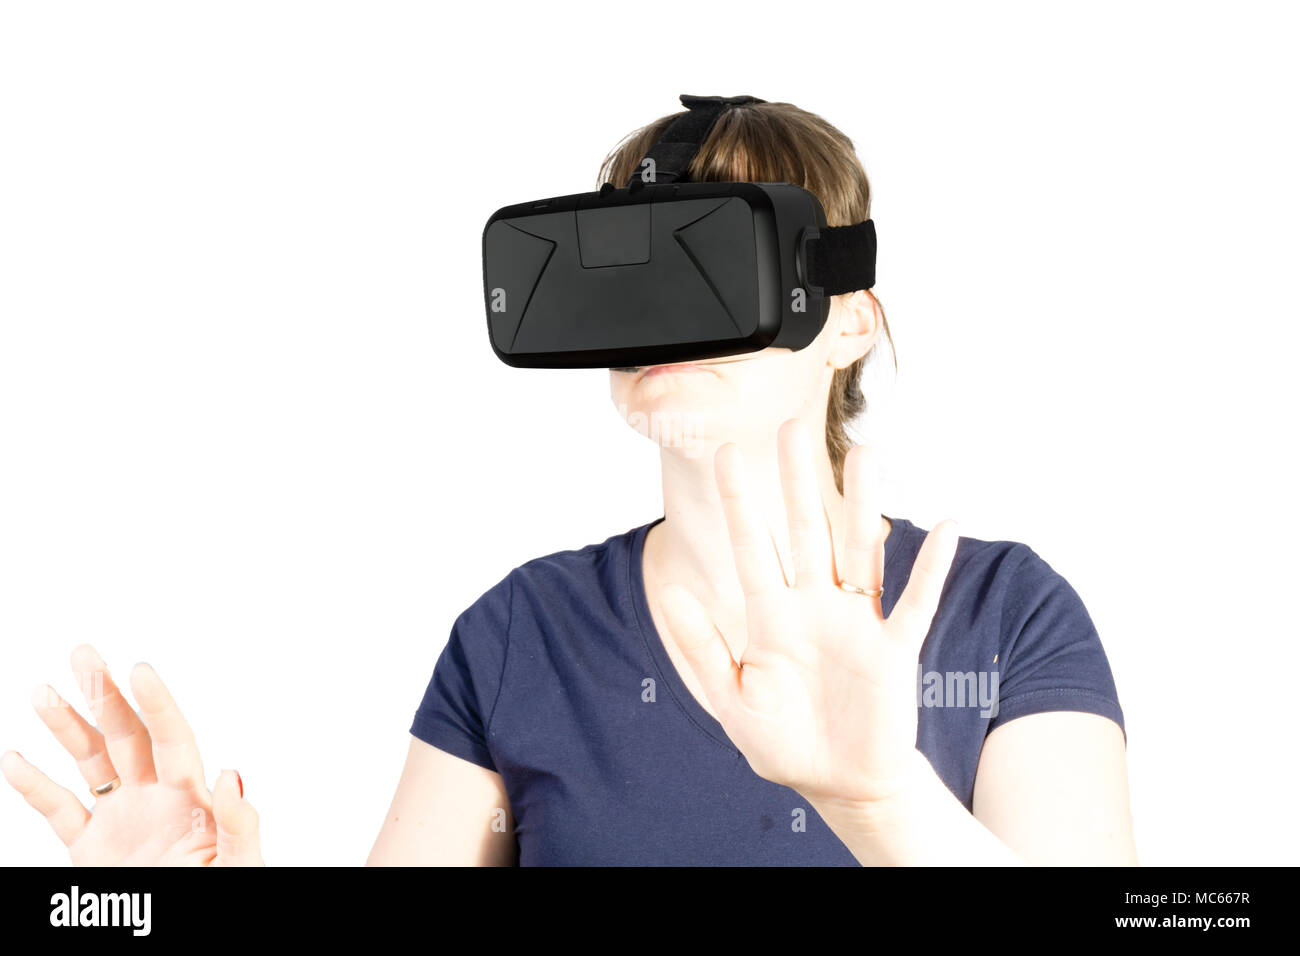 Atractiva mujer joven ajustando su auricular VR. Aislado sobre fondo blanco. Imagen De Stock